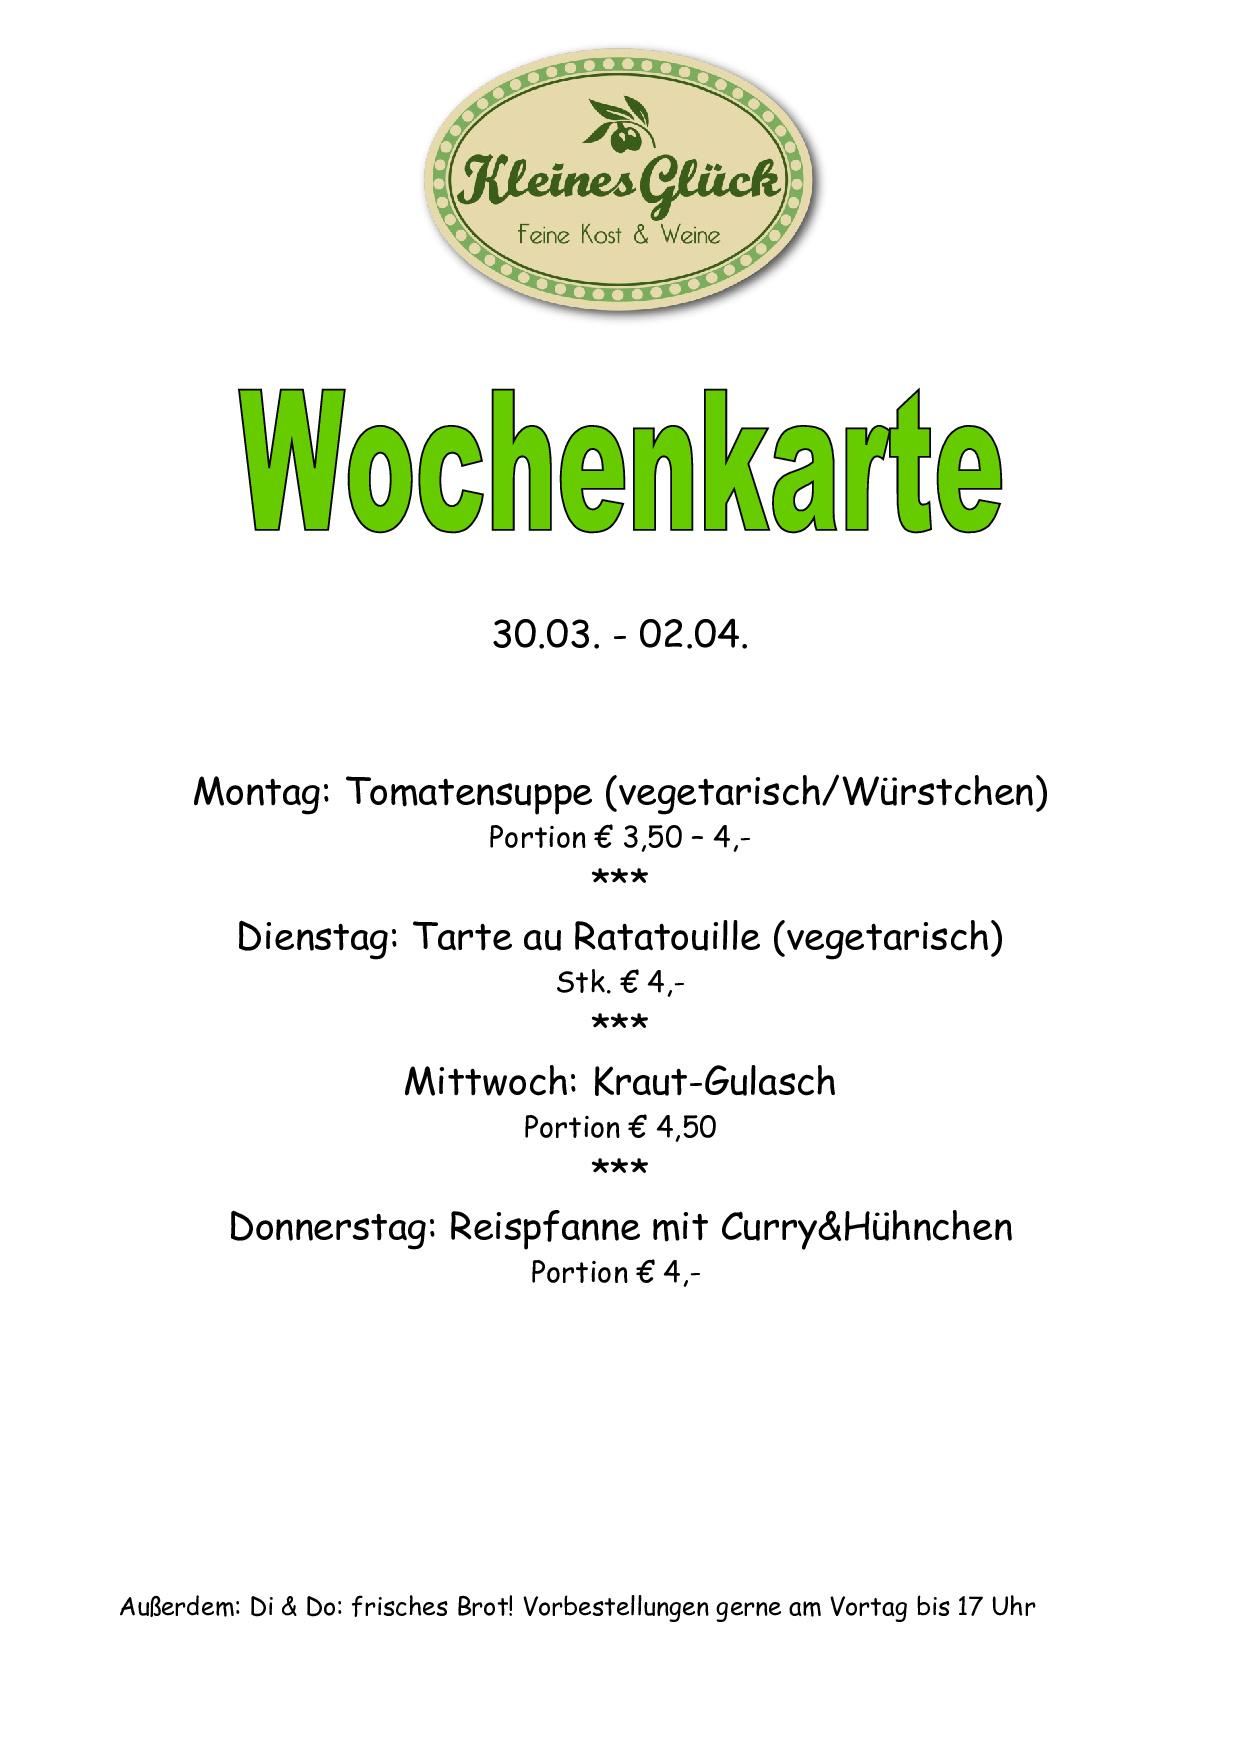 Wochenkarte_15-14